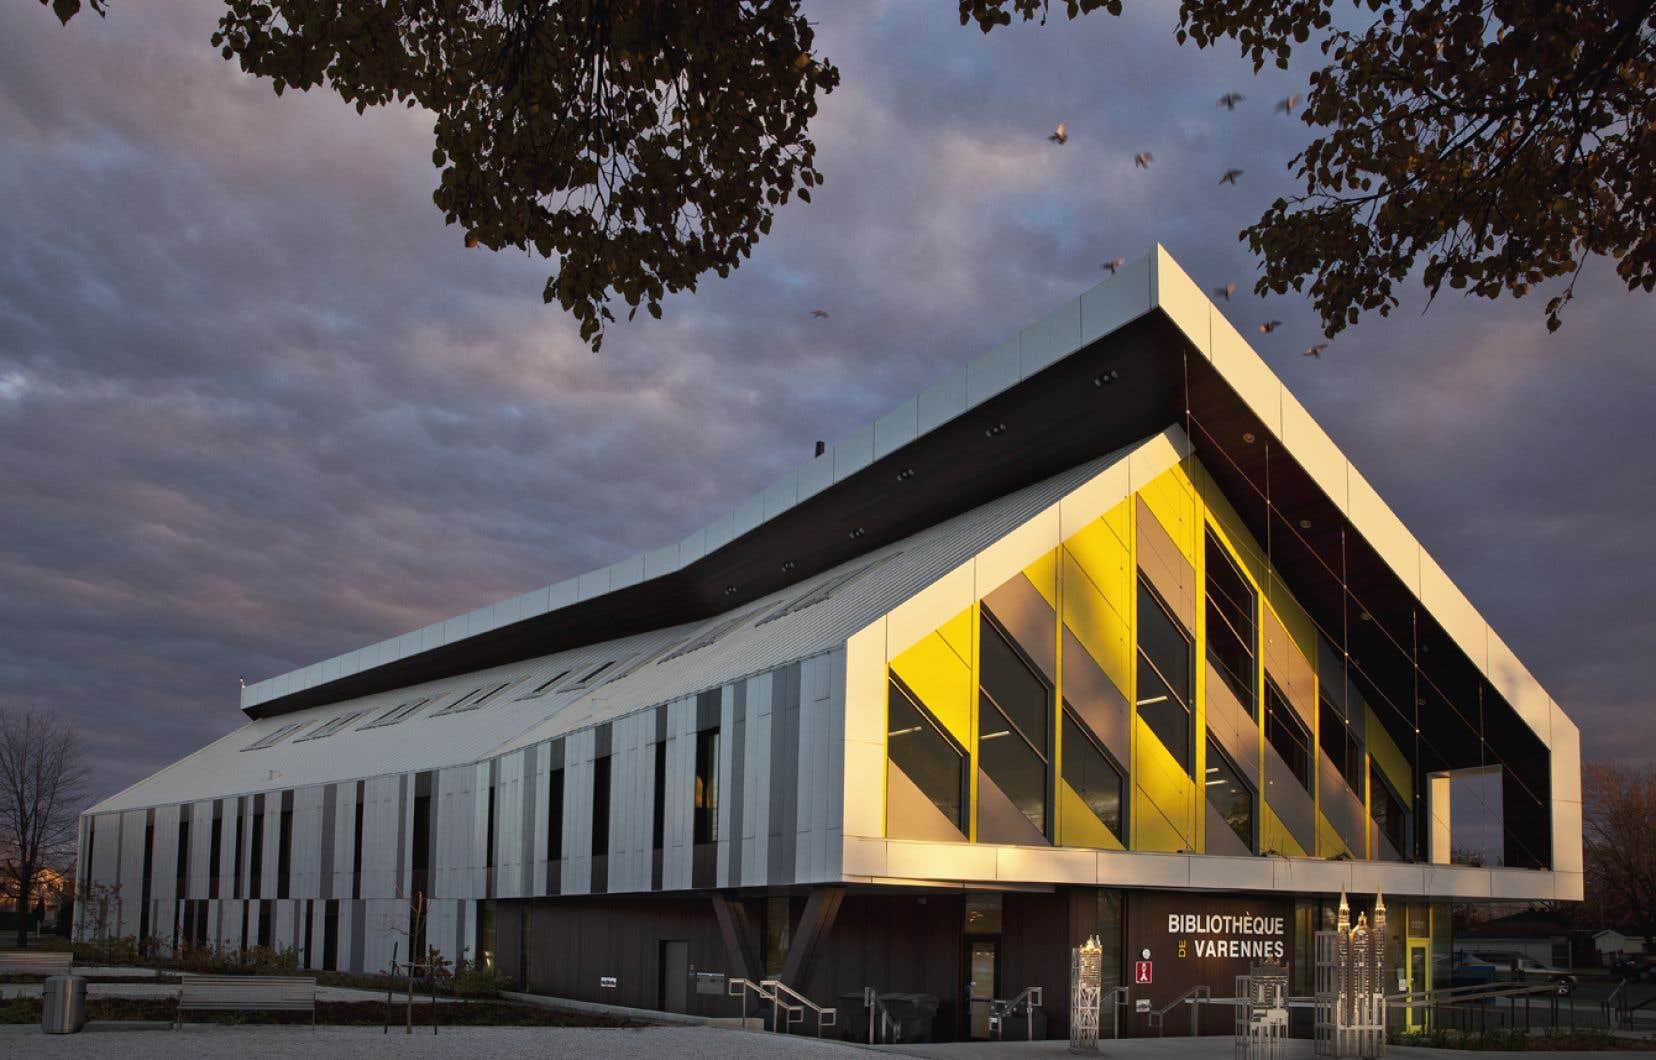 En 2017, la bibliothèque de Varennes avait atteint l'objectif net zéro deux ans après son ouverture.